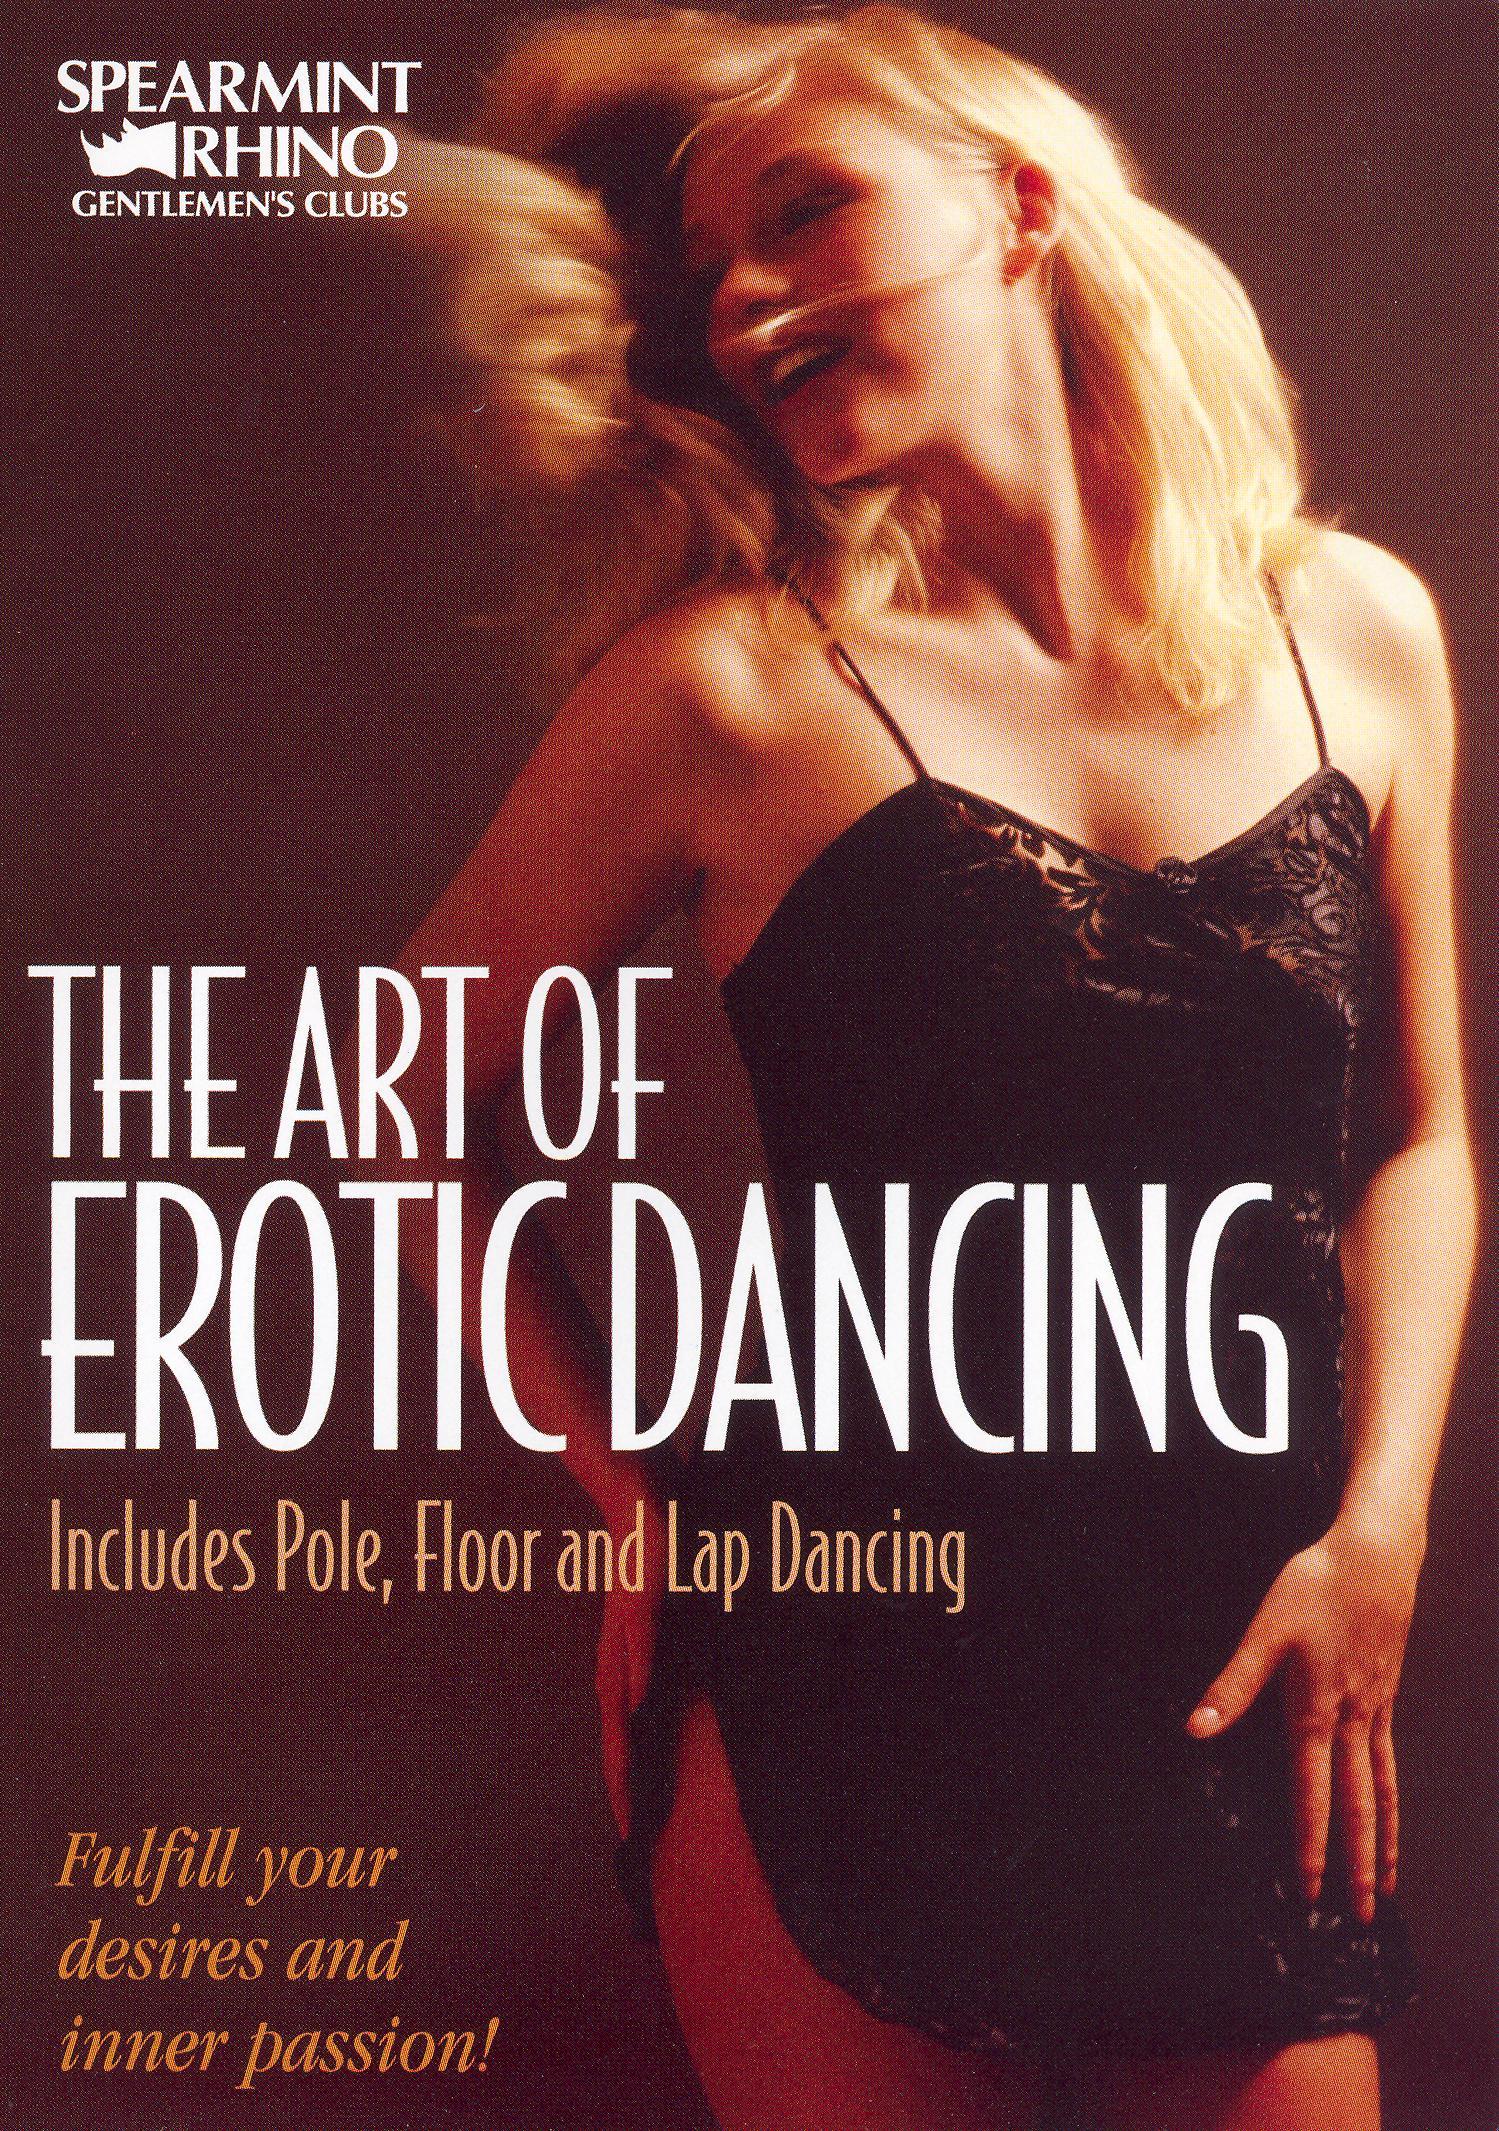 The Art of Erotic Dancing